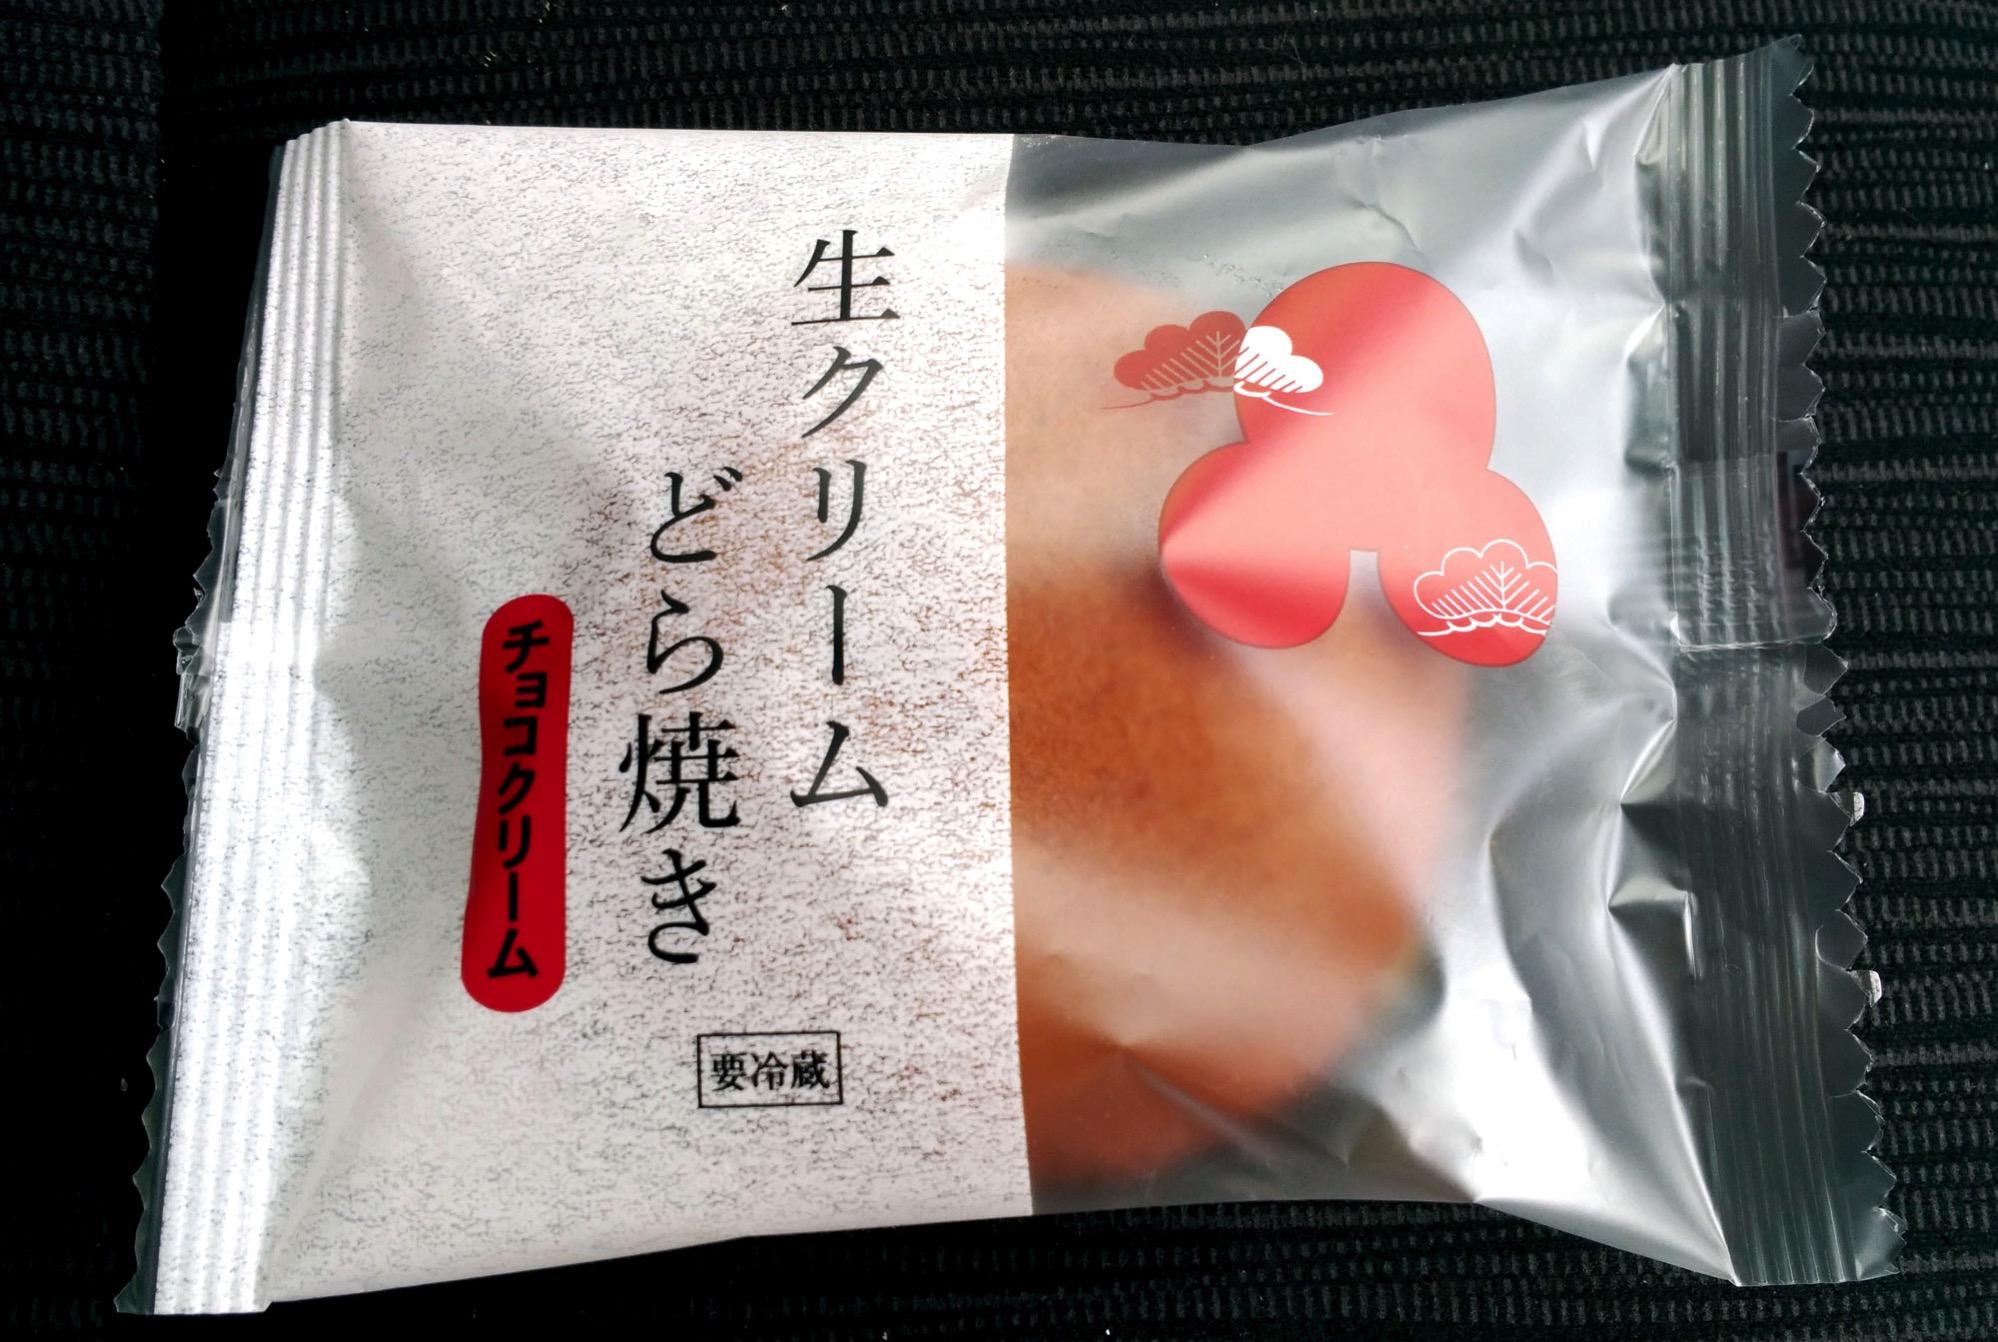 青木松風庵の生クリームどらやき(チョコクリーム)